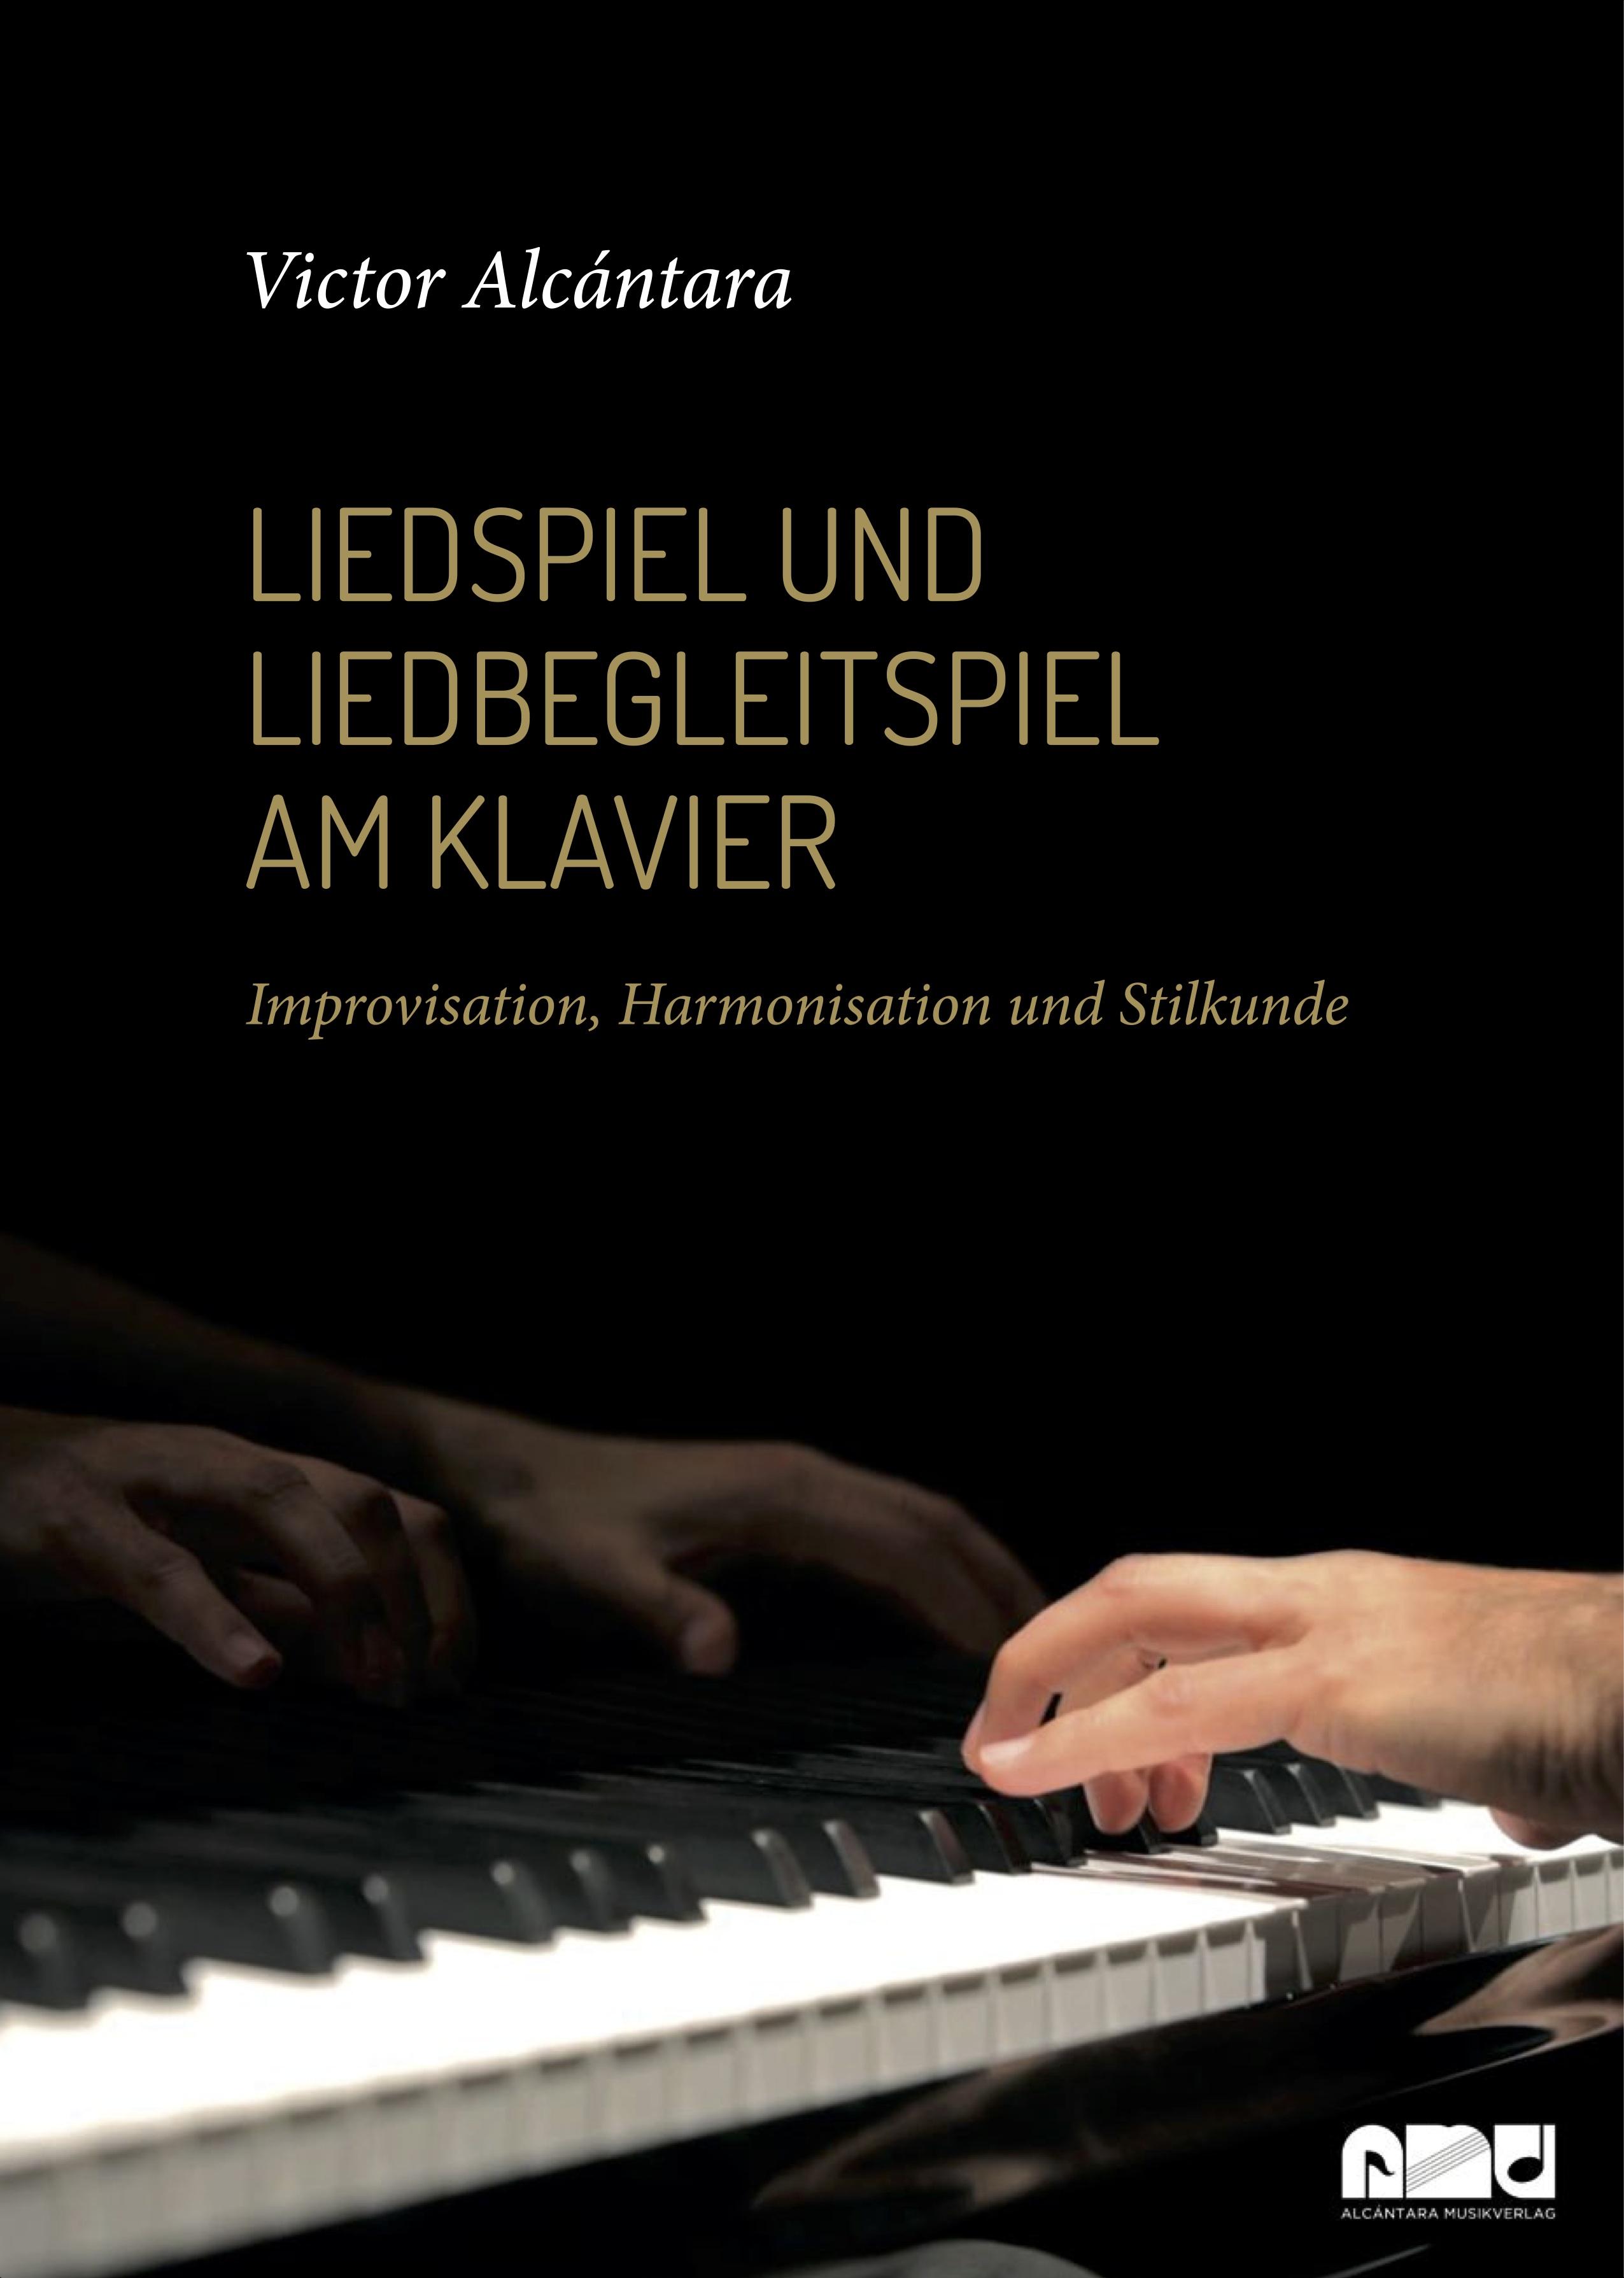 Liedspiel und Liedbegleitspiel am Klavier